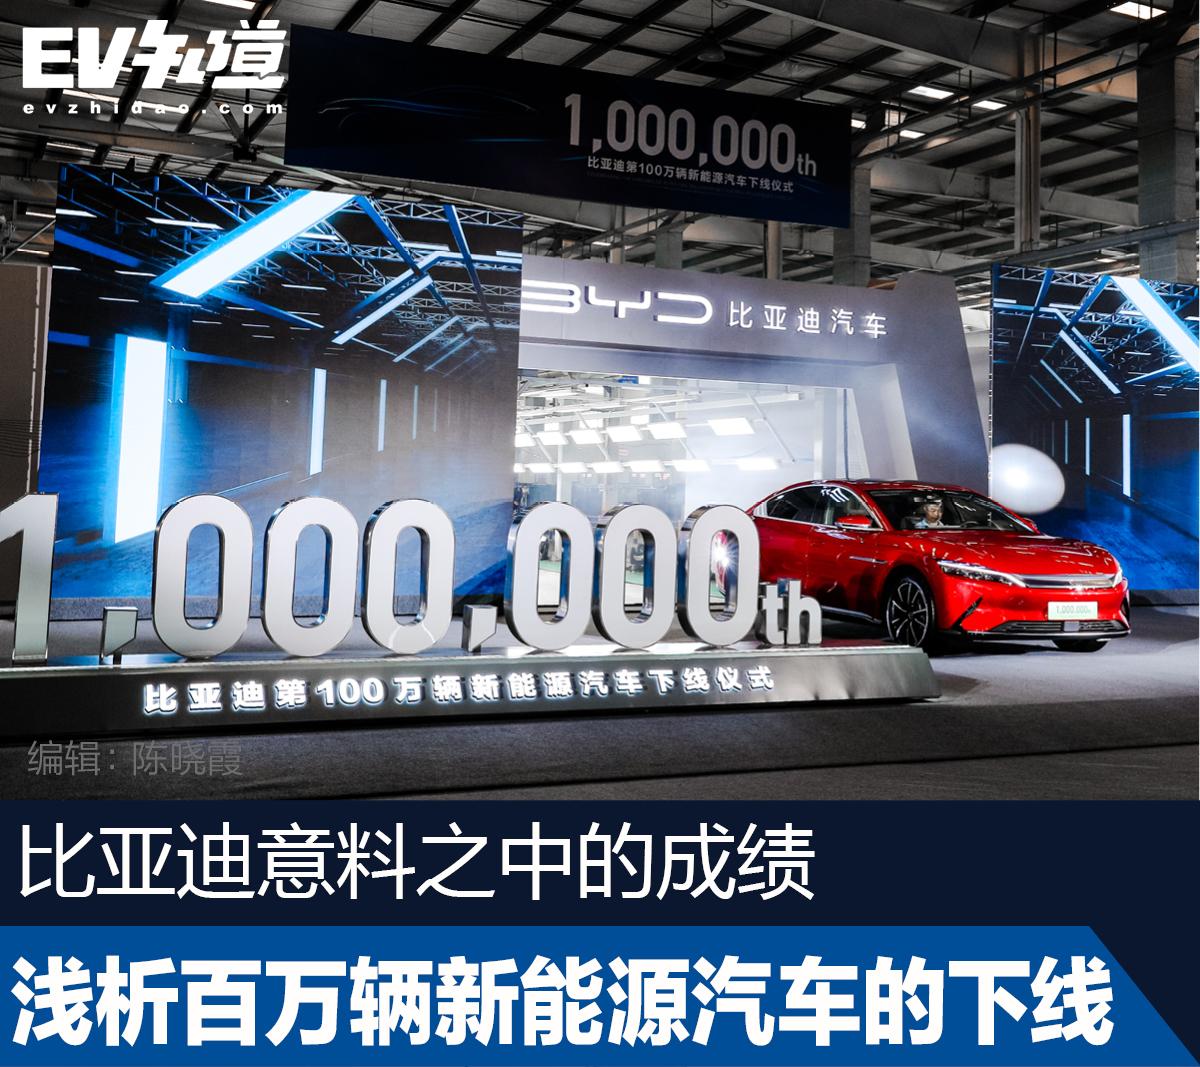 比亚迪意料之中的成绩 浅析第一百万辆新能源汽车的下线